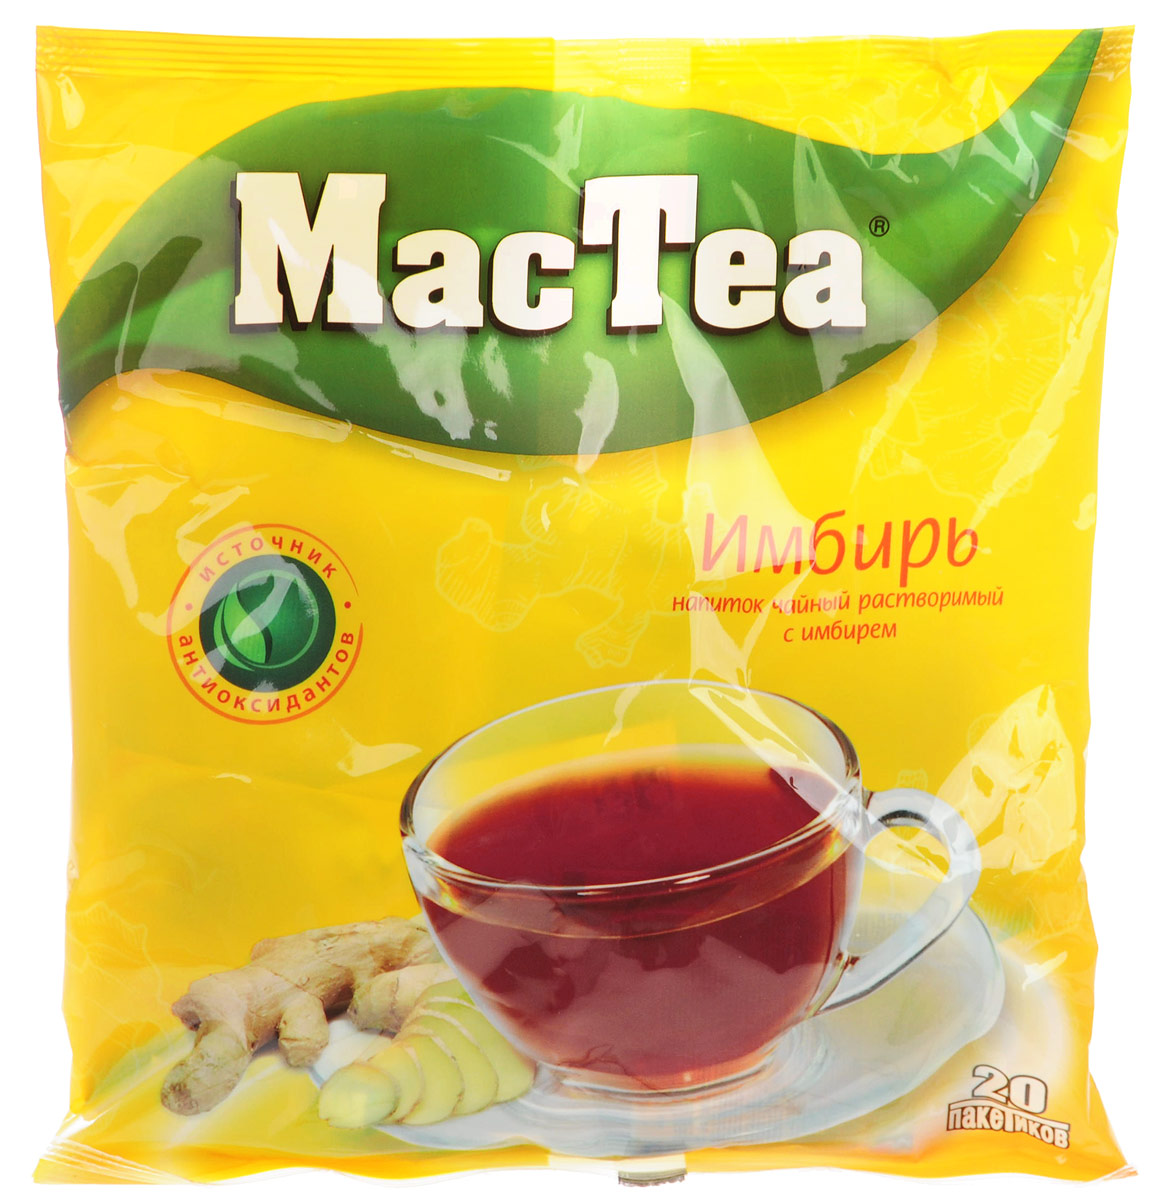 MacTea напиток чайный с имбирем, 20 шт101246Растворимый чайный напиток MacTea с имбирем понравится и детям, и взрослым. Этот напиток можно употреблять как в холодном, так и в горячем виде. Для приготовления необходимо залить содержимое пакетика стаканом воды и тщательно размешать.